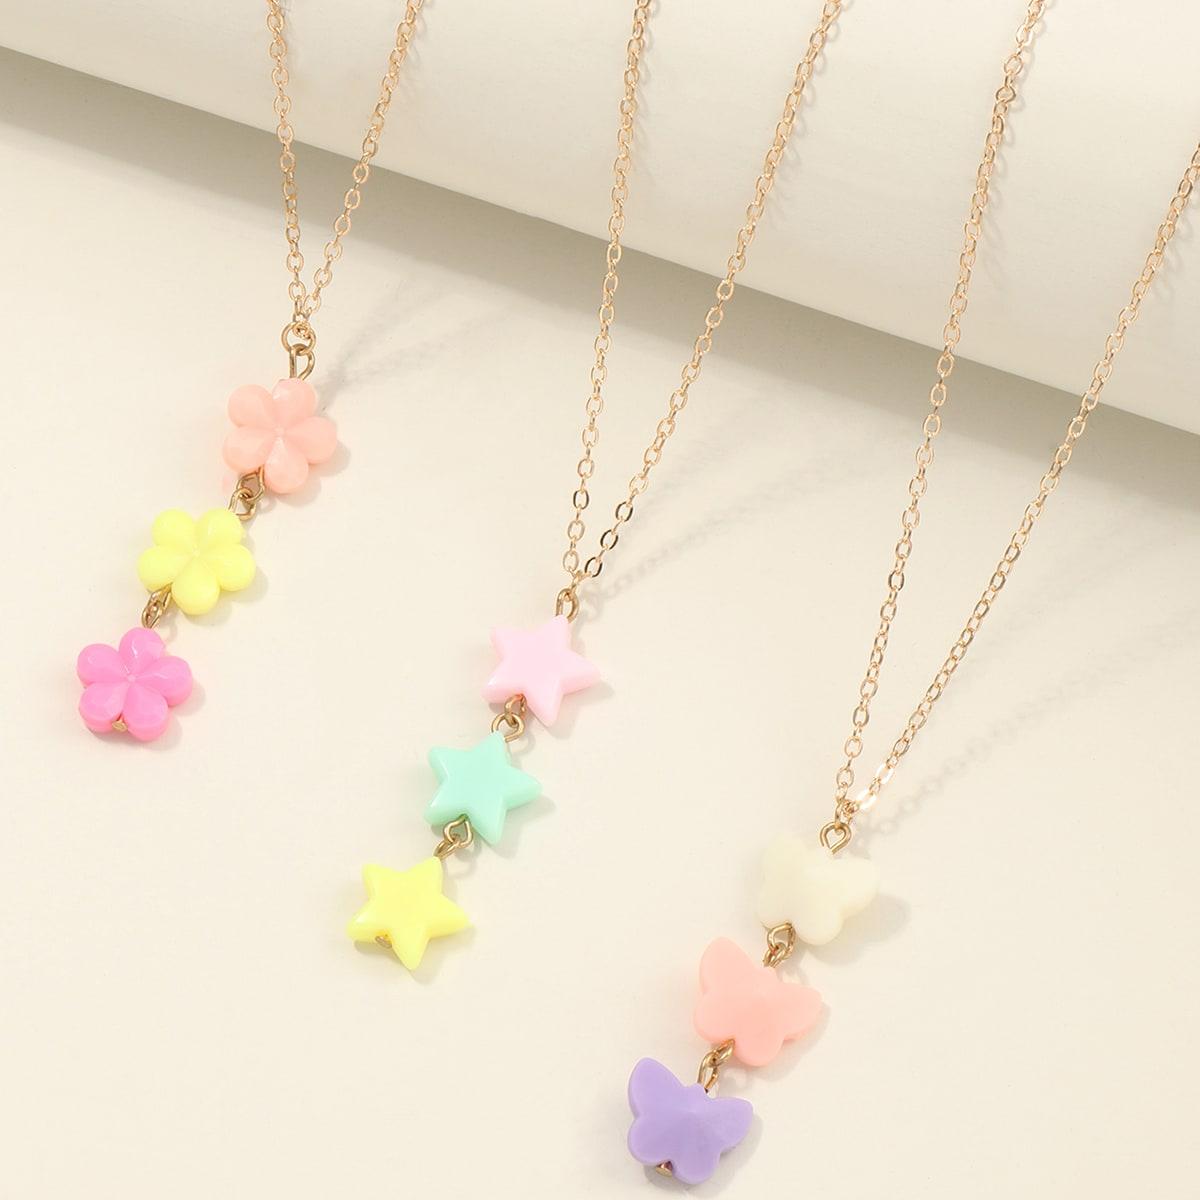 SHEIN / 3 Stücke Halskette mit Stern Anhänger